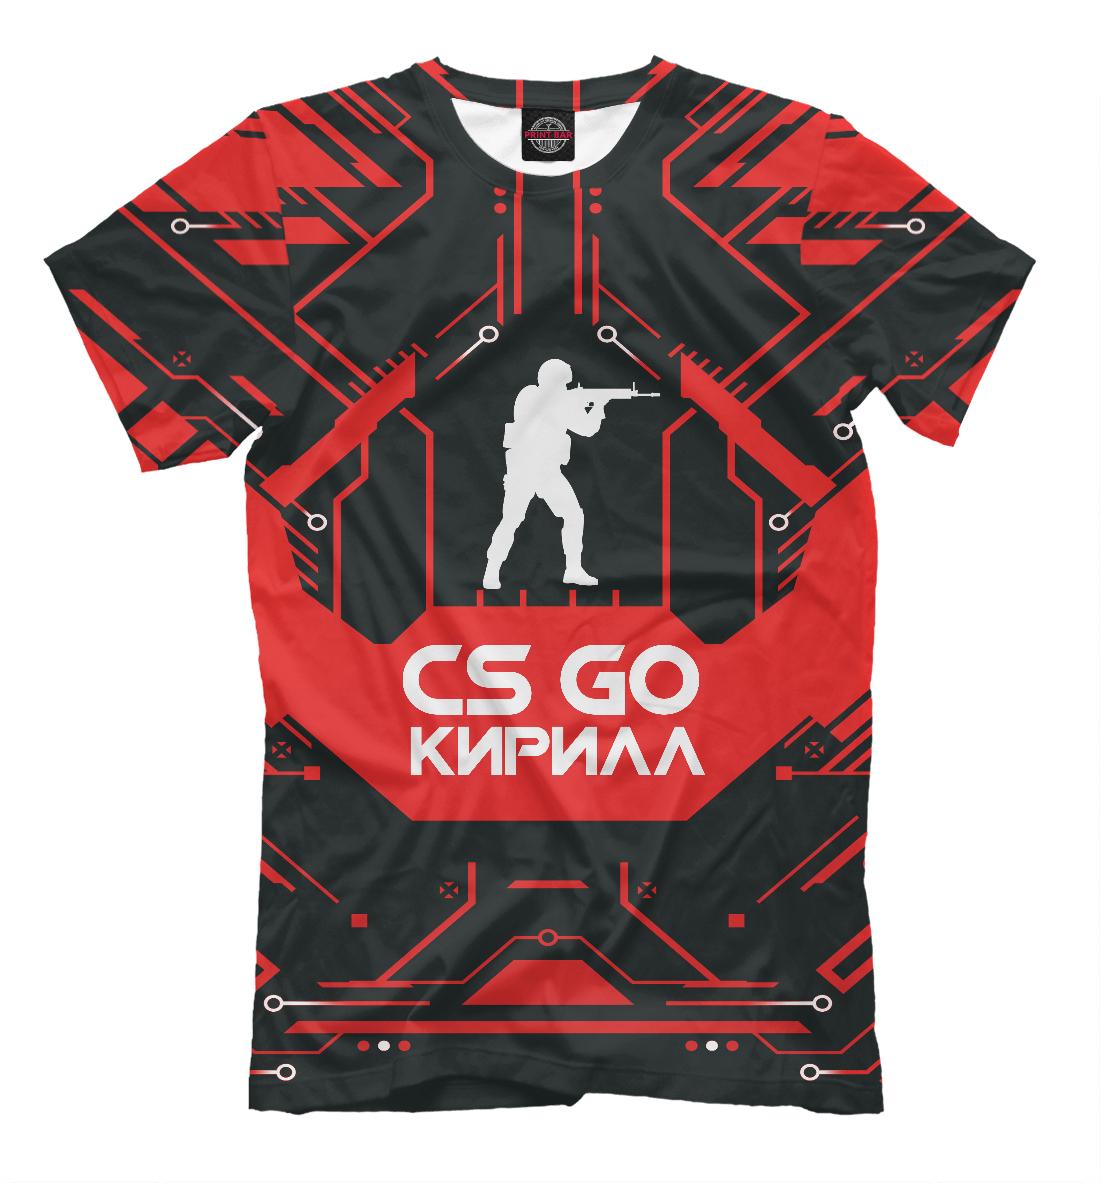 Купить Кирилл в стиле CS GO, Printbar, Футболки, KIR-358923-fut-2